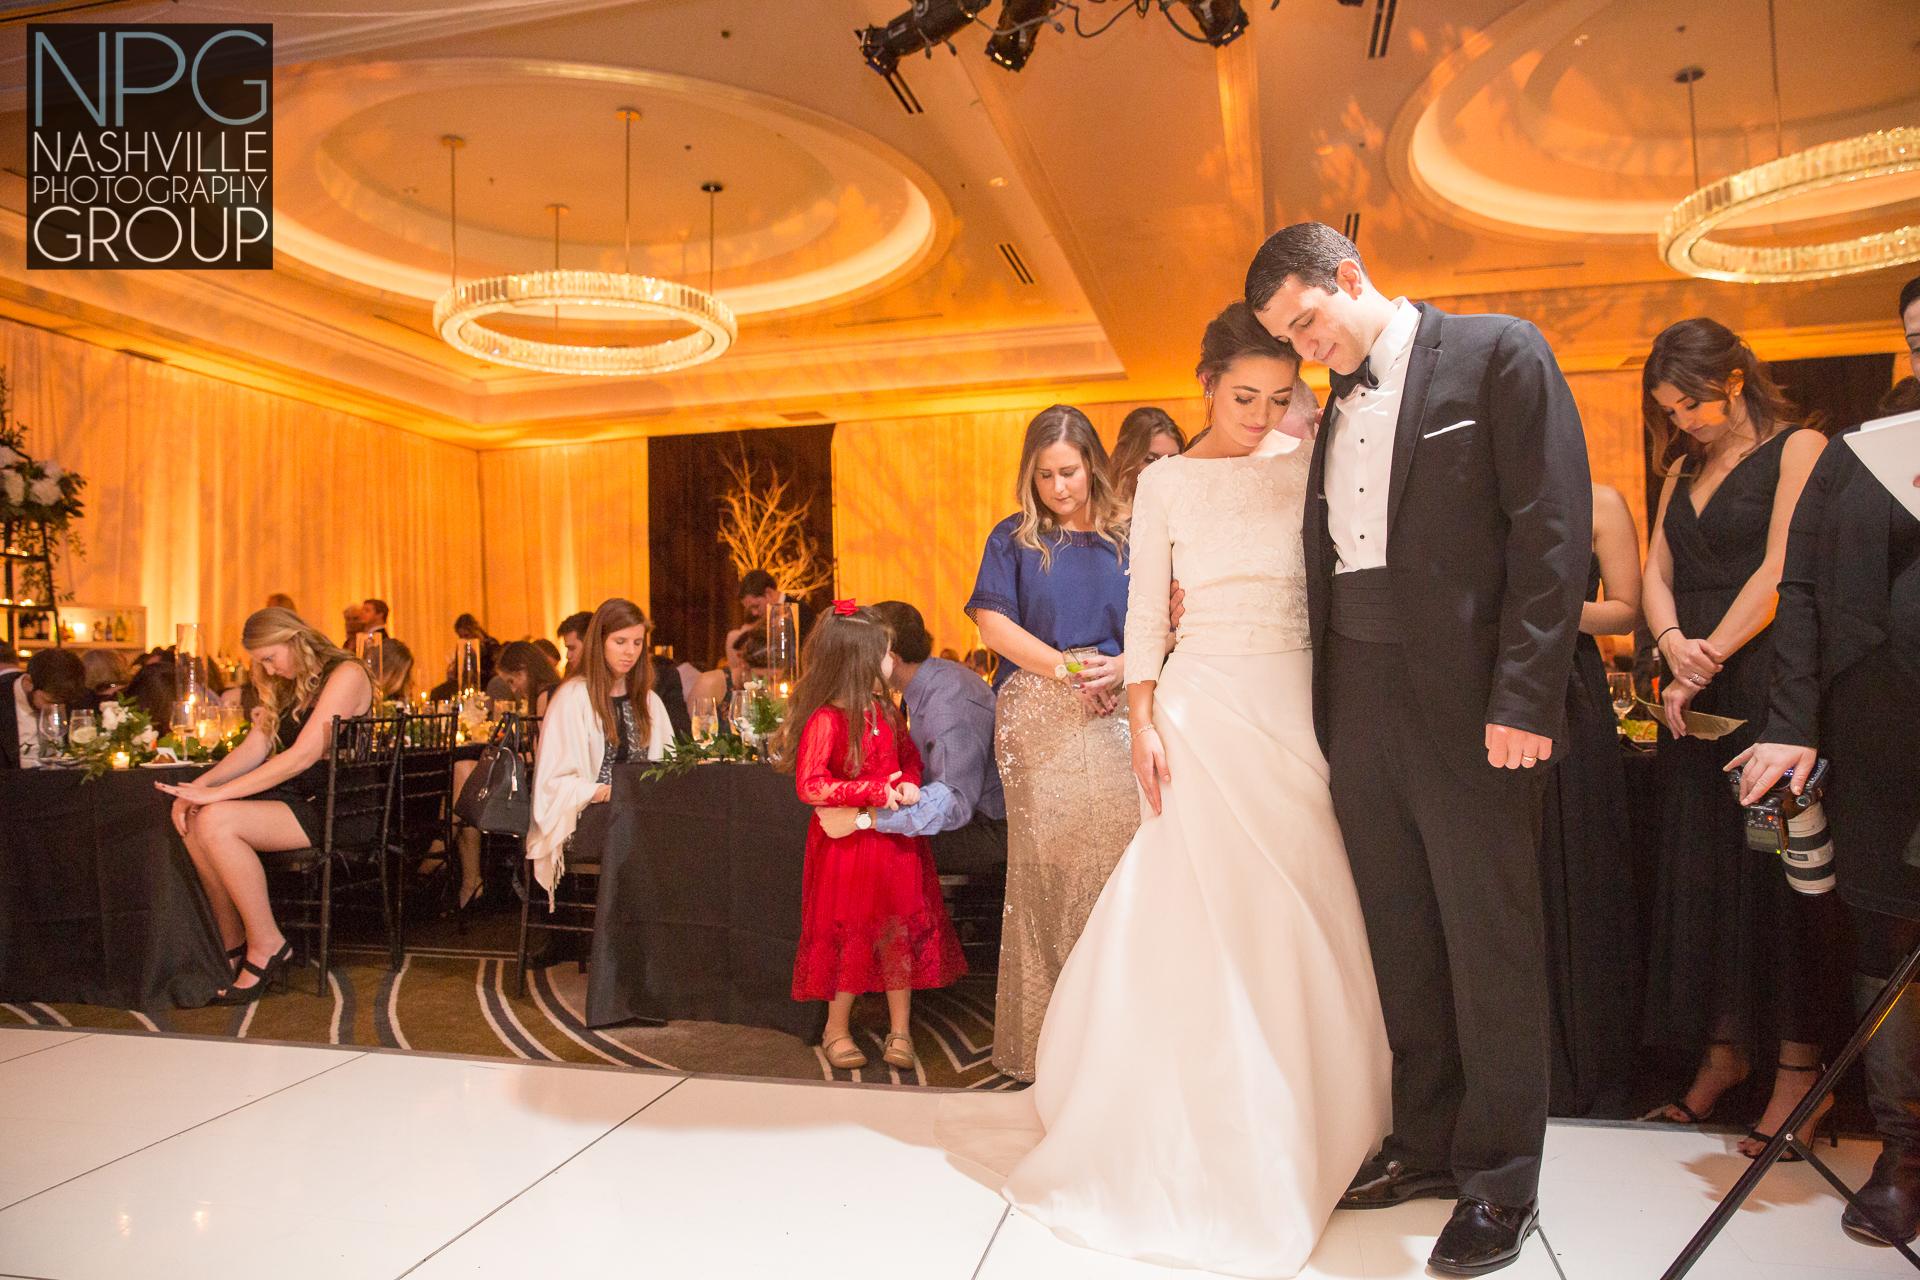 Nashville Photography Group wedding photographers-7-3.jpg